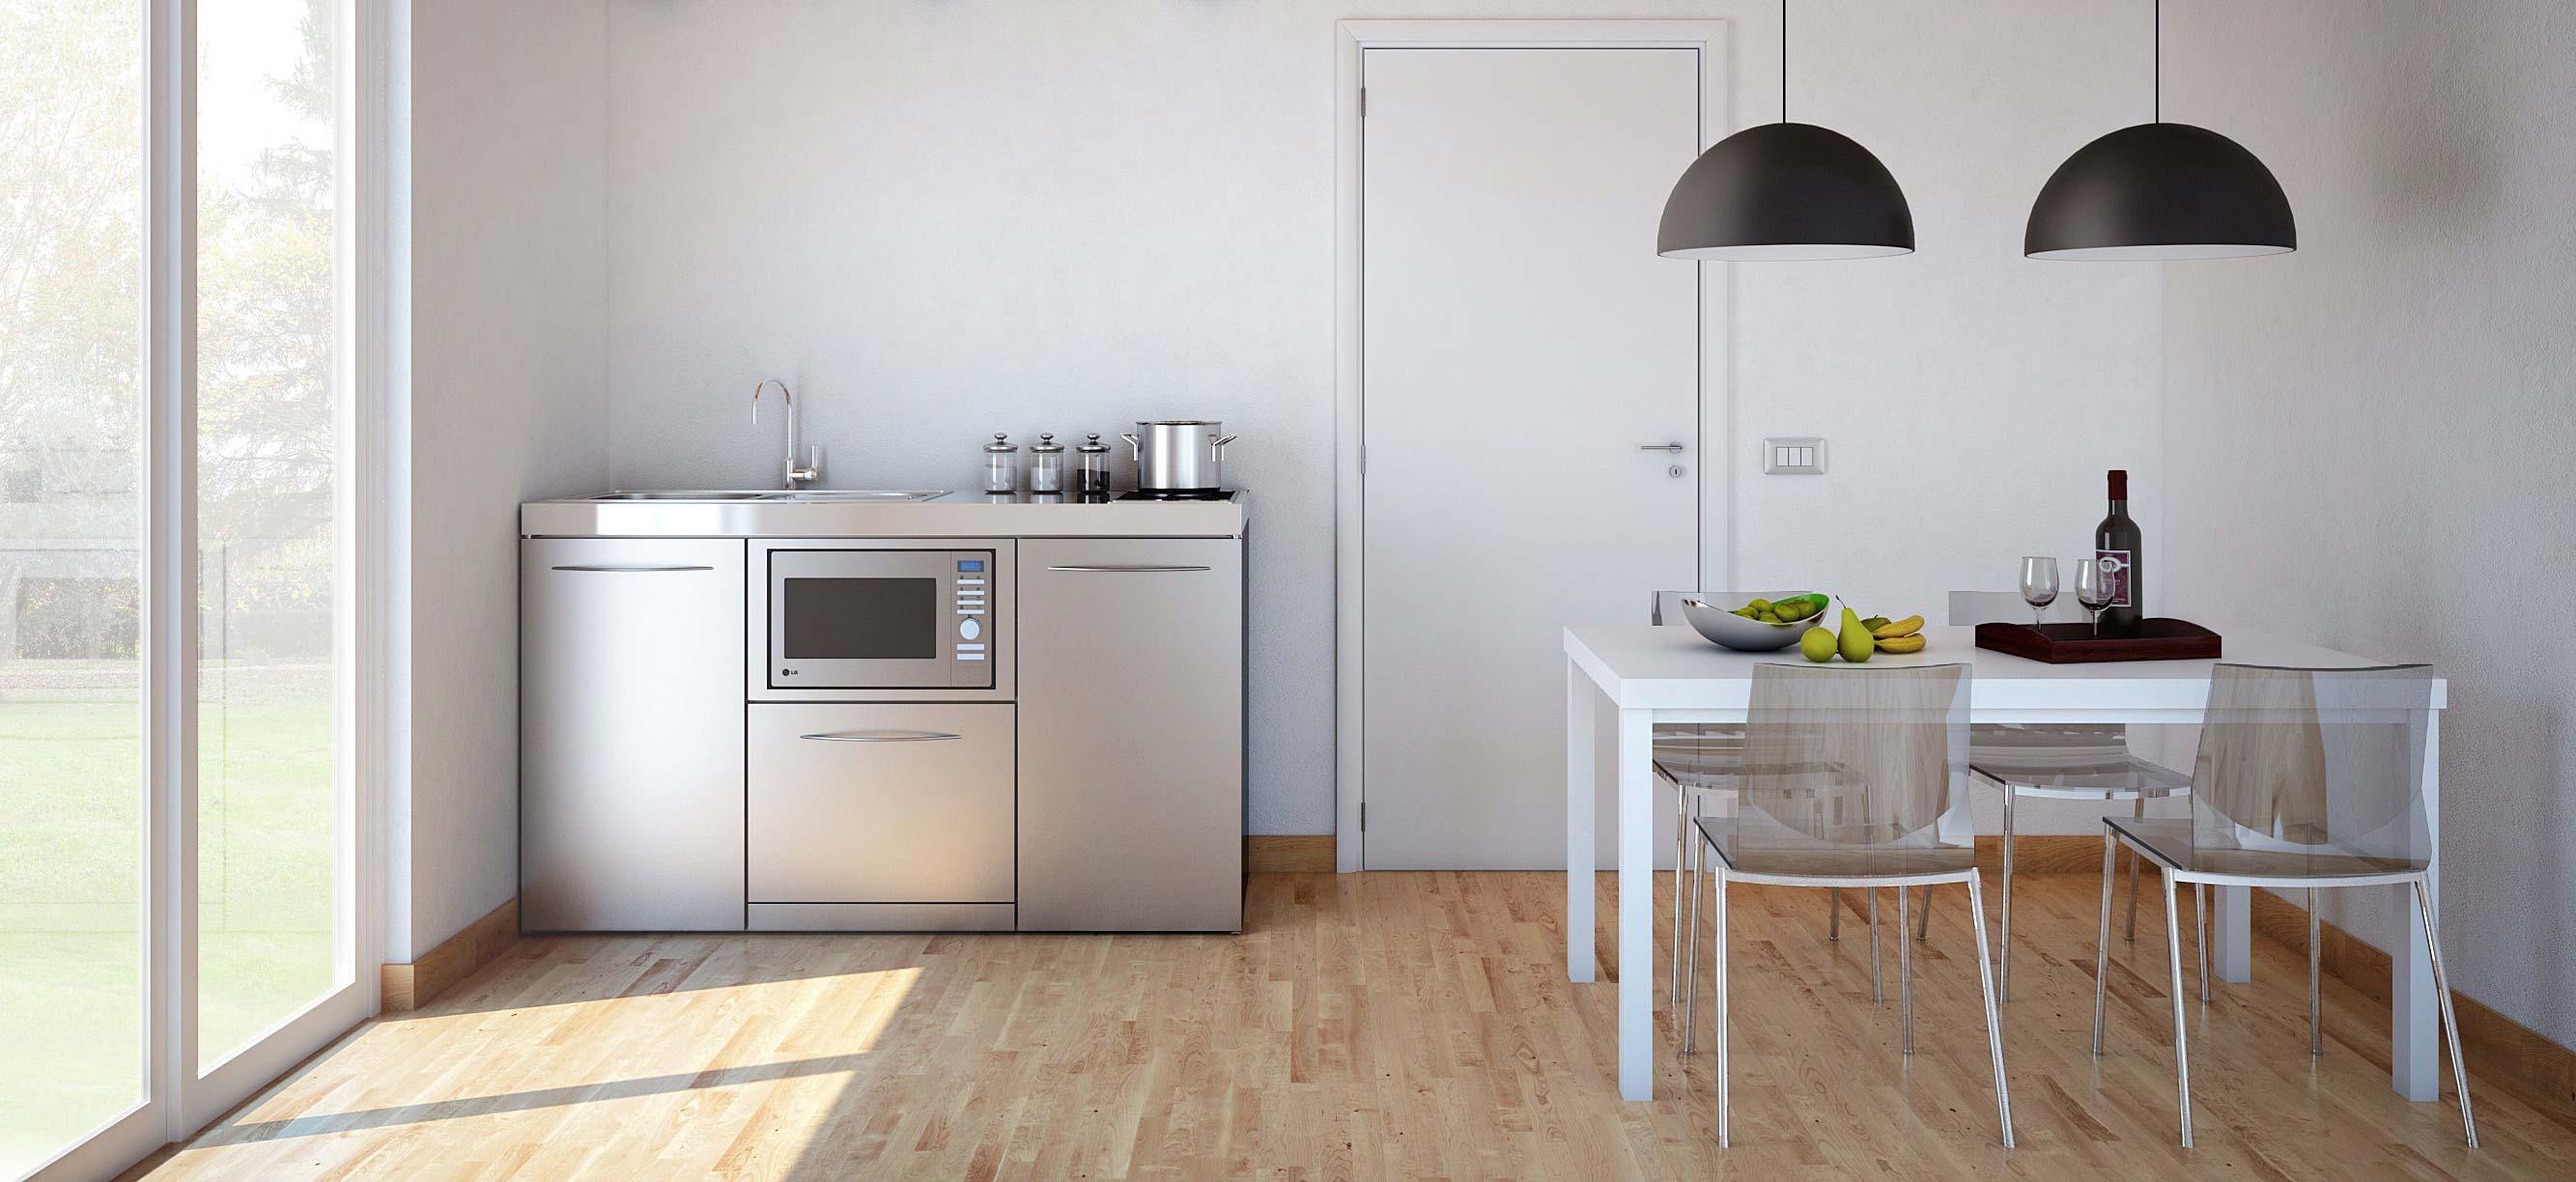 BLOG_5-dritte-per-creare-una-cucina-in-poco-spazio1 | Made with home